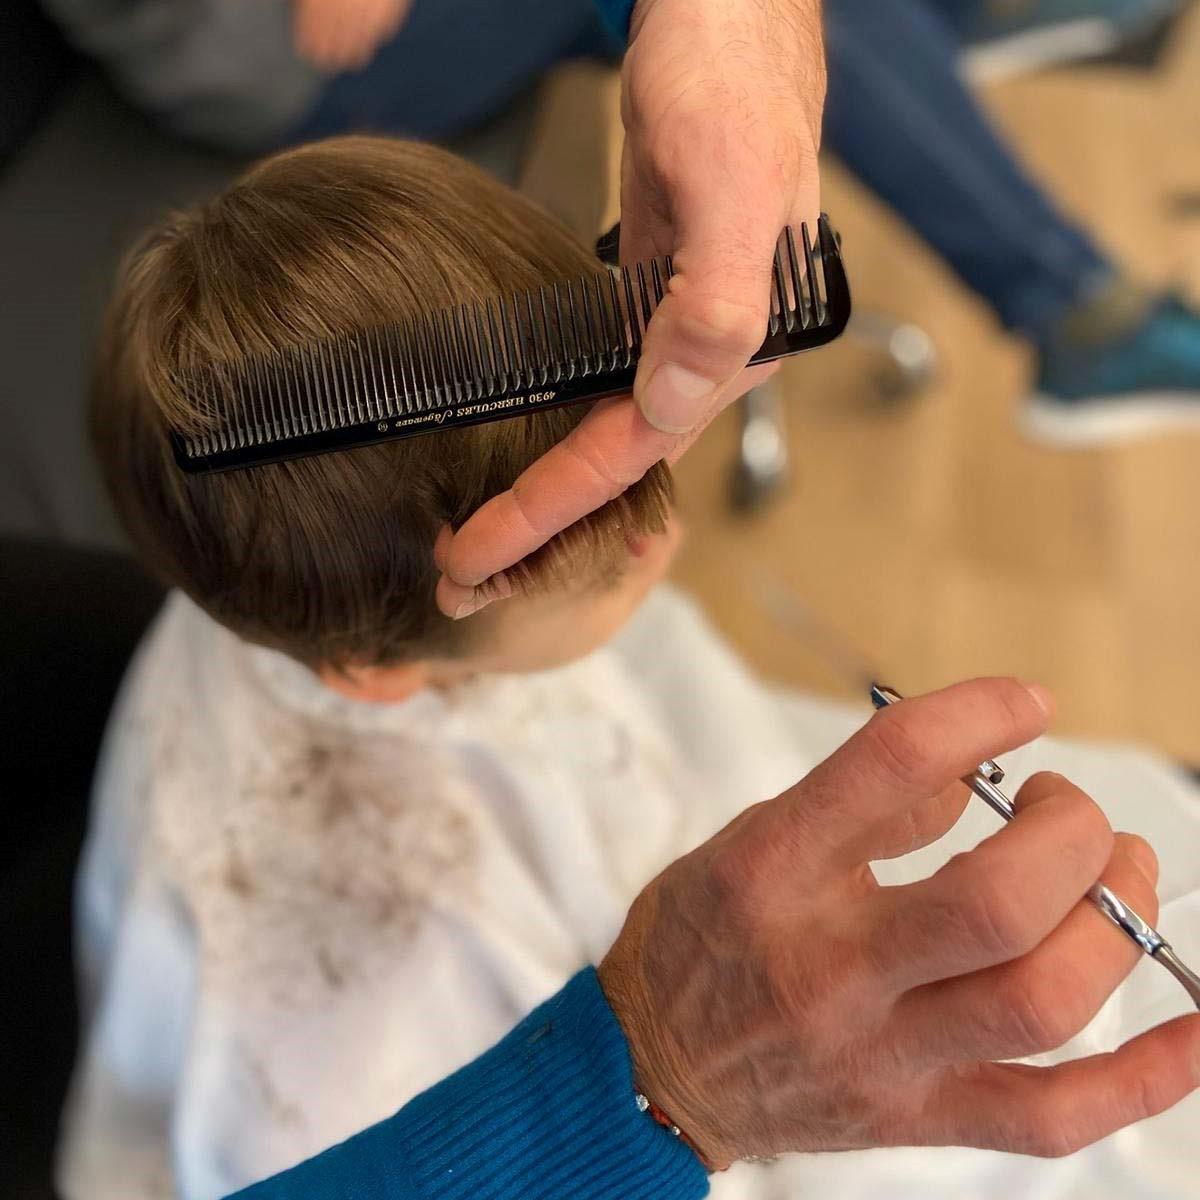 coiffeur qui coupe les cheveux d'un enfant